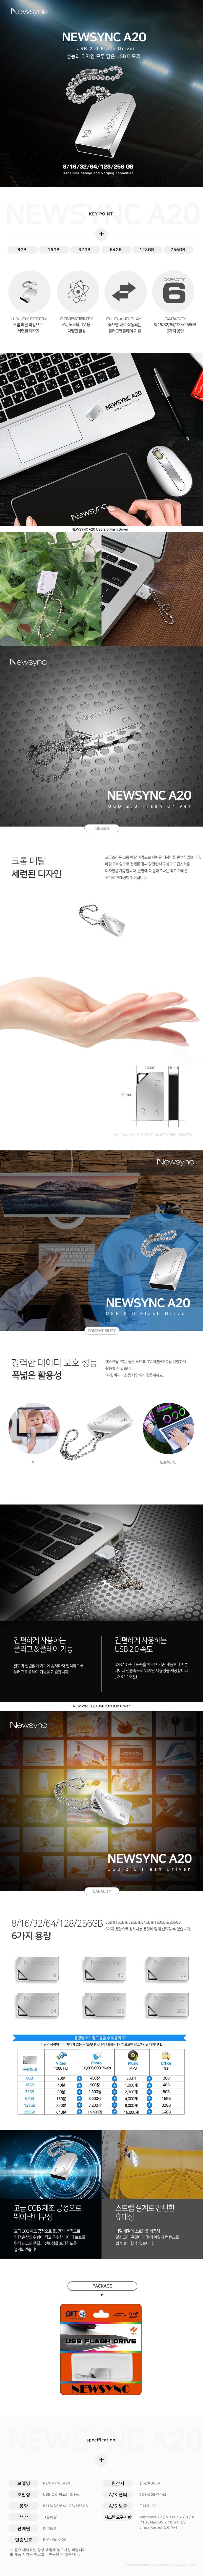 비트엠 Newsync A20(64GB)